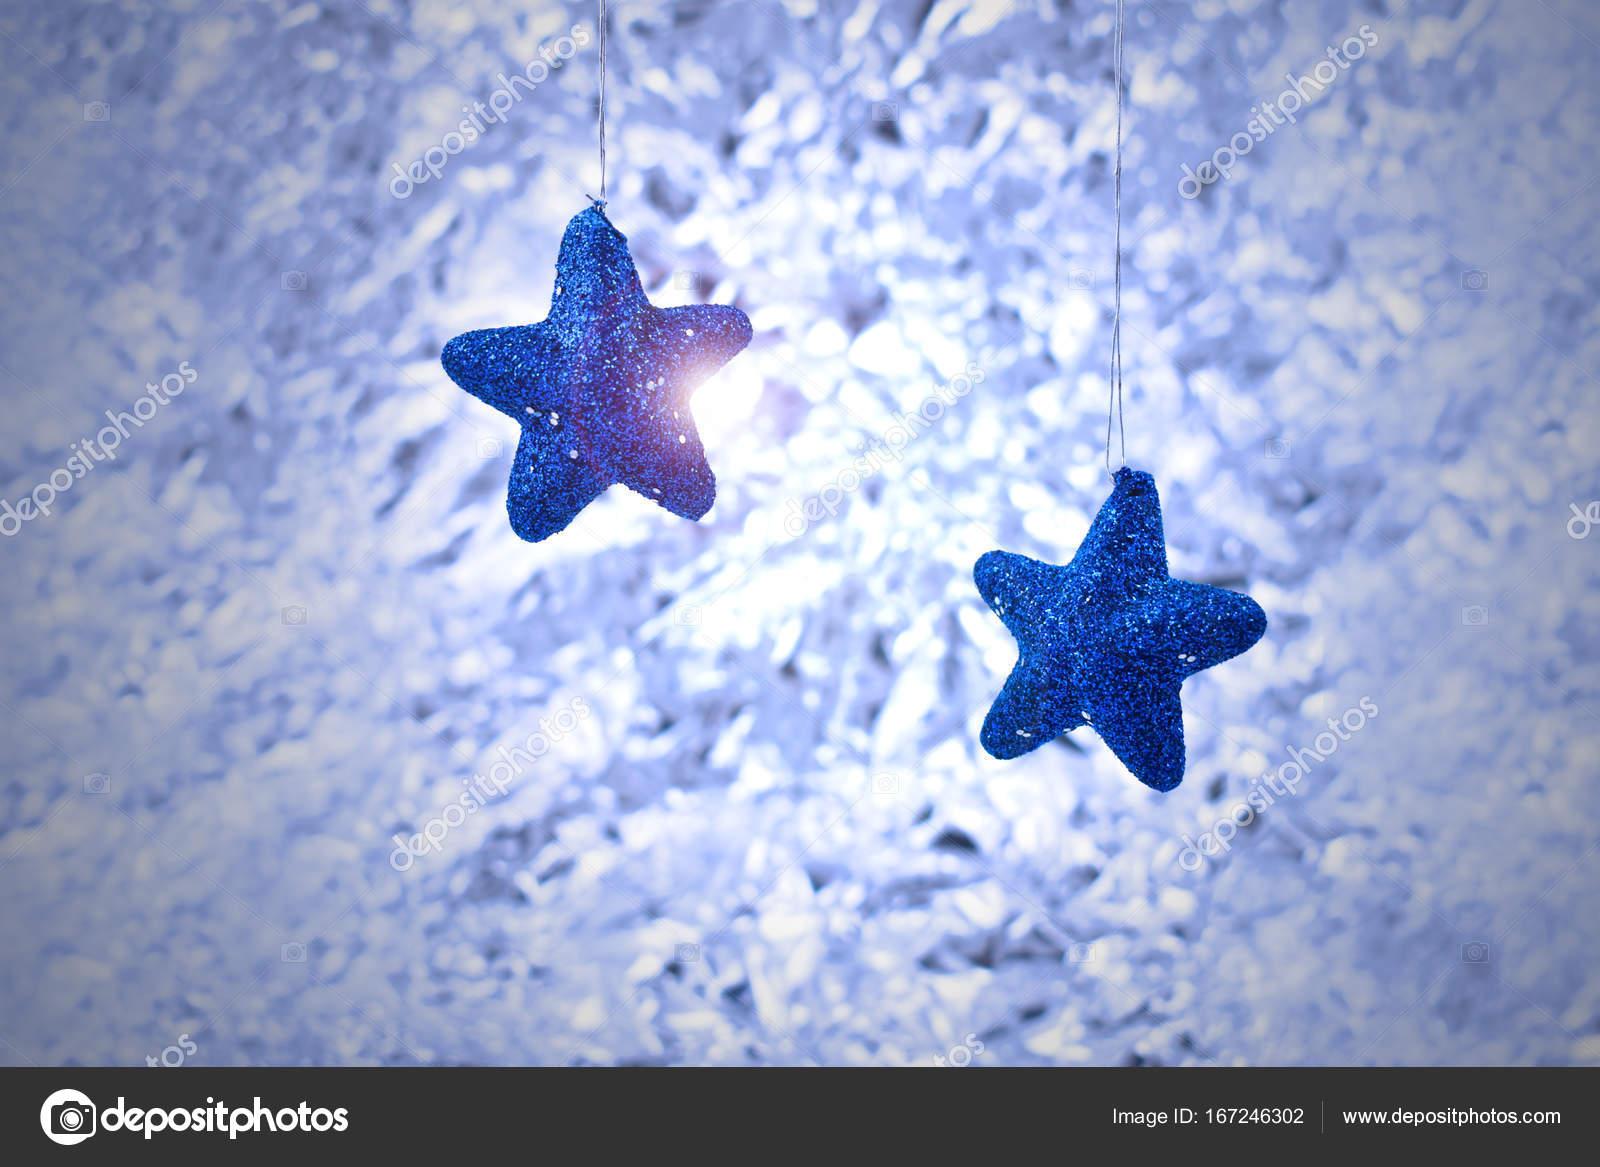 02a6f07ebb7 Αστέρων διακόσμηση Χριστουγέννων. Ασημί χριστουγεννιάτικο φόντο — Εικόνα  από ...